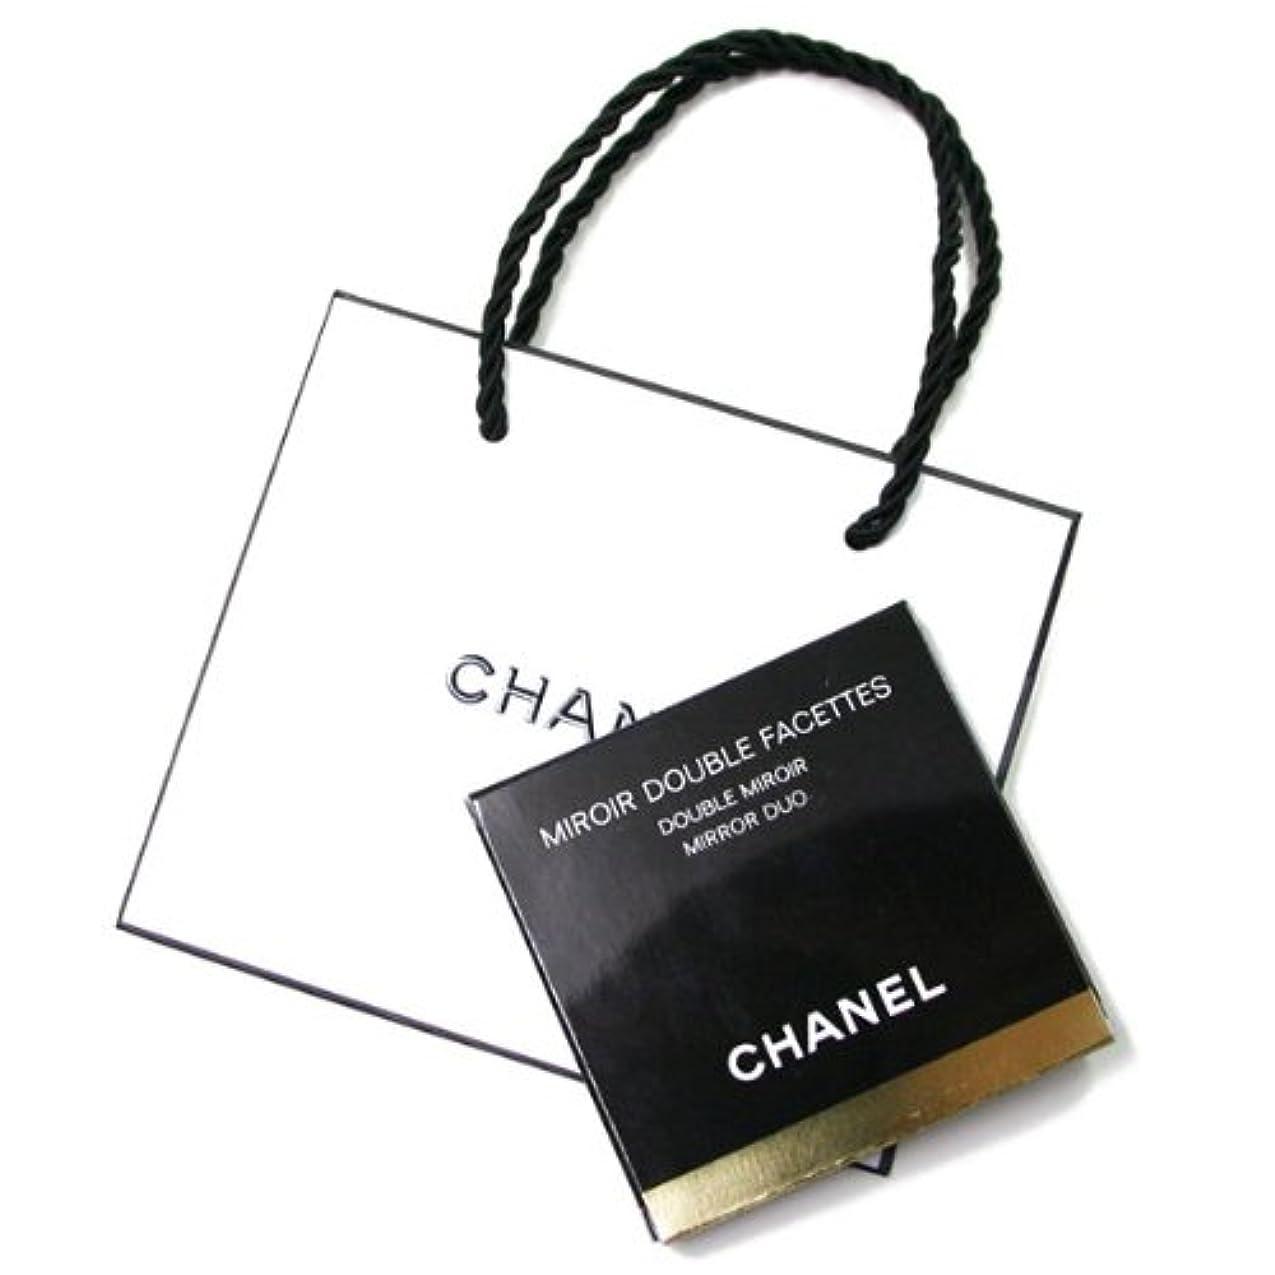 クラブモードリン設置(シャネル) CHANELコンパクト ダブルミラー 手鏡 BLACK (ブラック)CHANEL ギフト ペーパーバッグ付きミロワールドゥーブルファセットA13750 [並行輸入品]